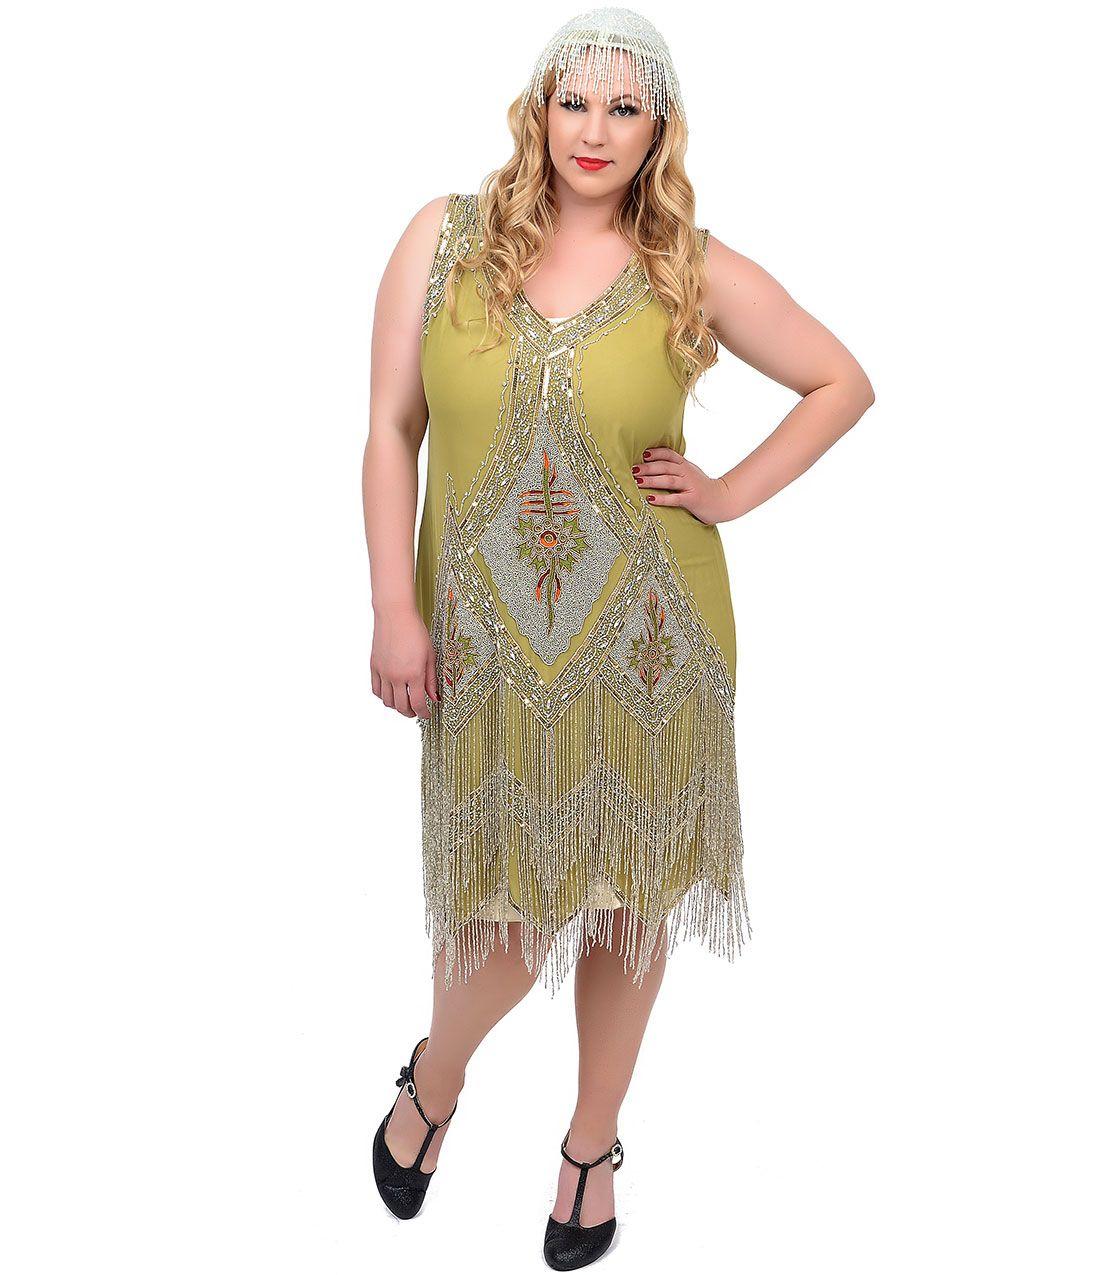 Shop 1920s Plus Size Dresses and Costumes | Unique vintage ...